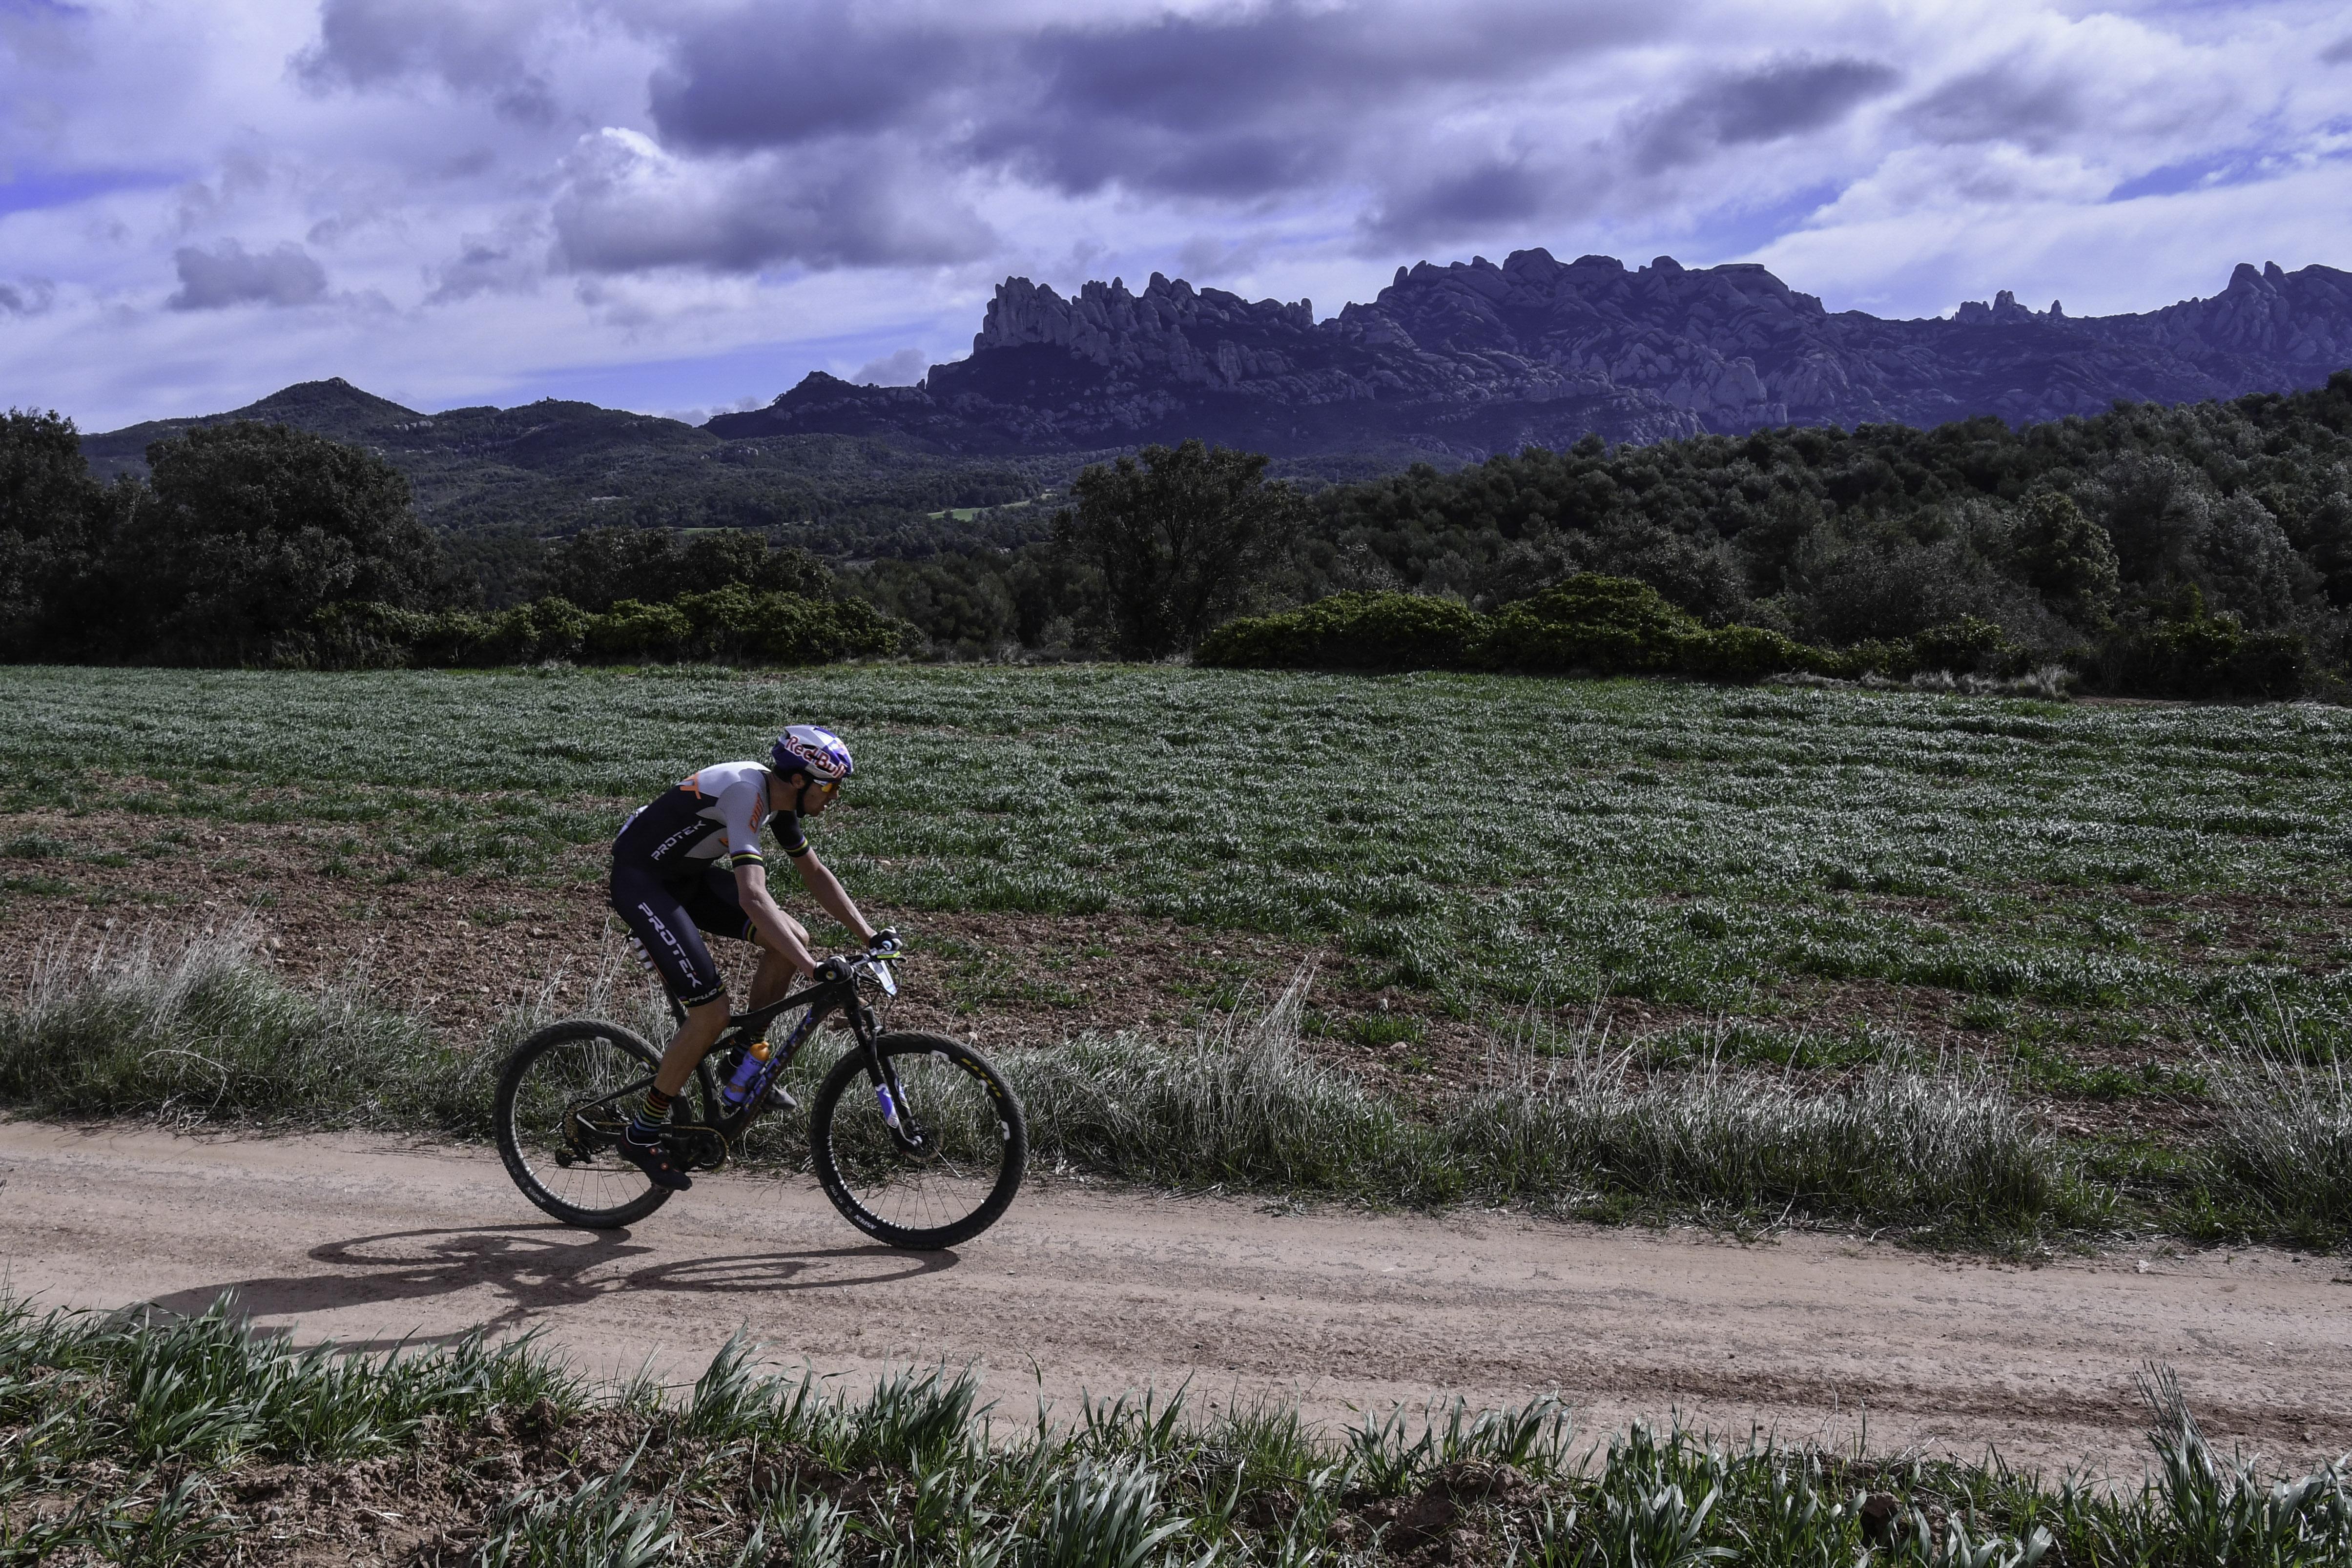 Tiago Ferreira gana y lidera la VolCAT tras una etapa reina extremadamente dura por el viento